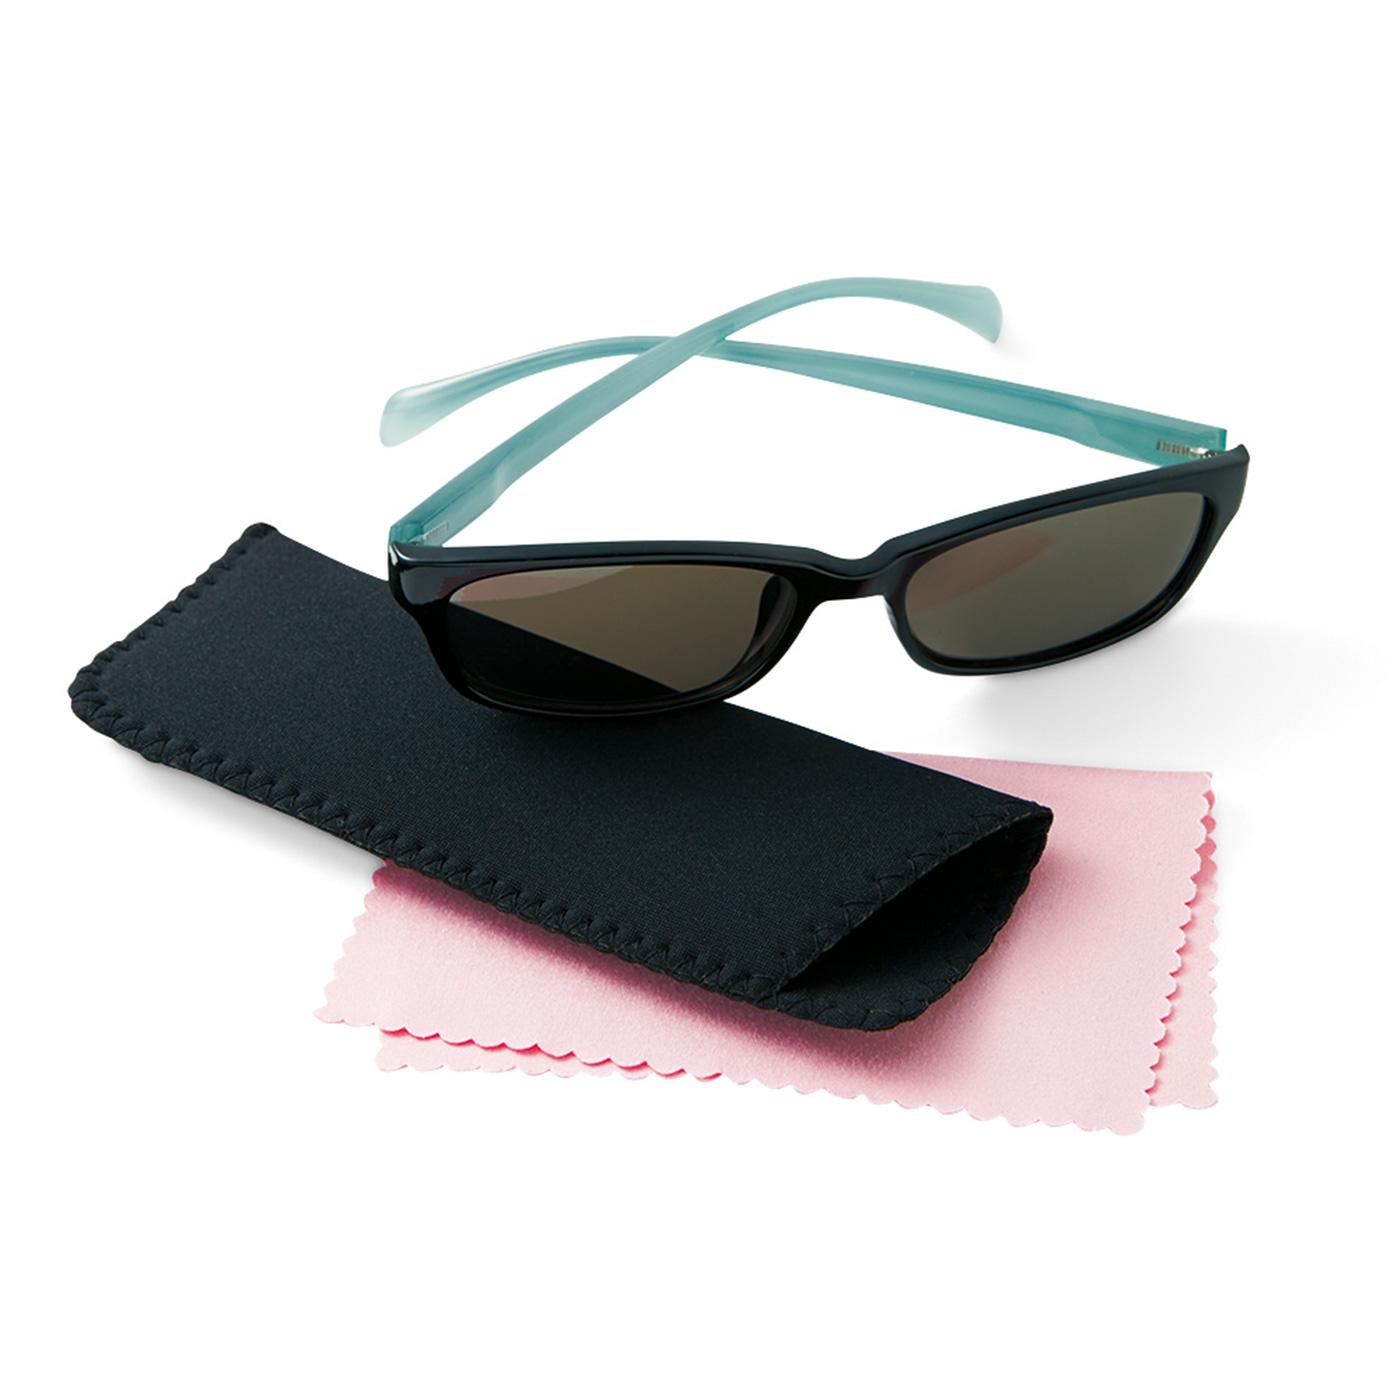 眼鏡ふきクロスとソフトケース付き。●1回のお届けセット例です。